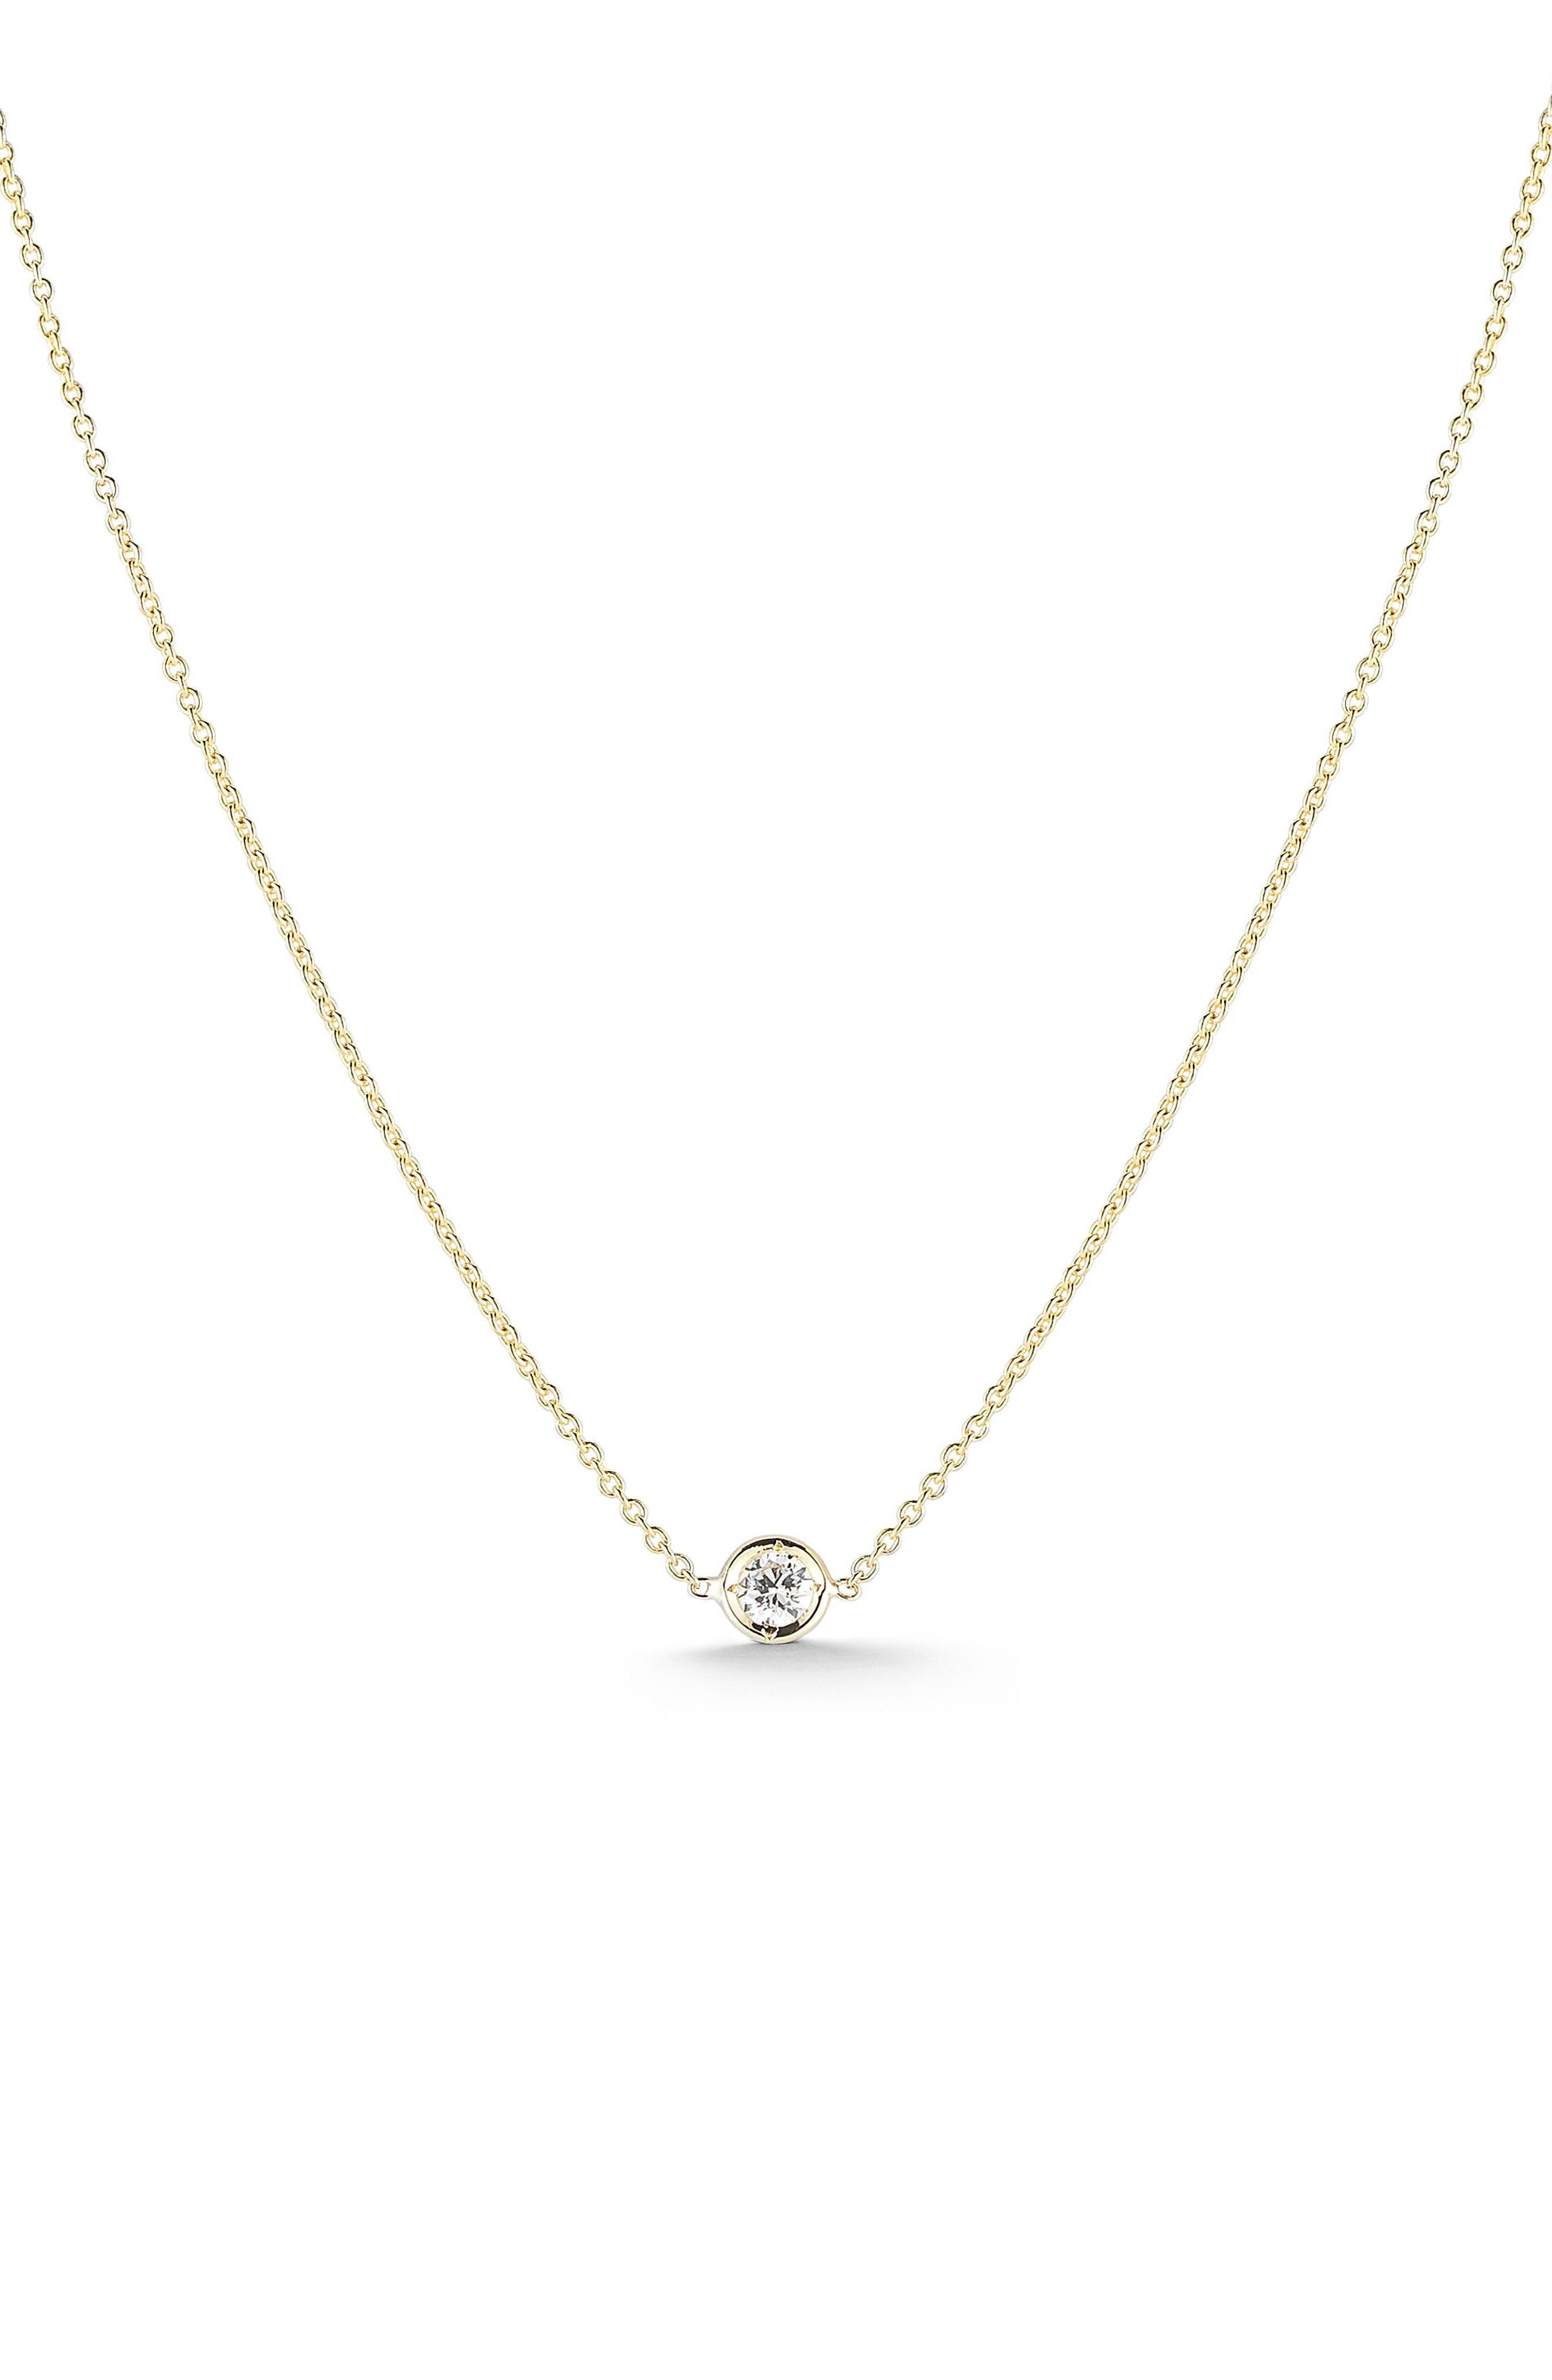 Tiny Treasures Diamond Bezel Necklace,                             Main thumbnail 2, color,